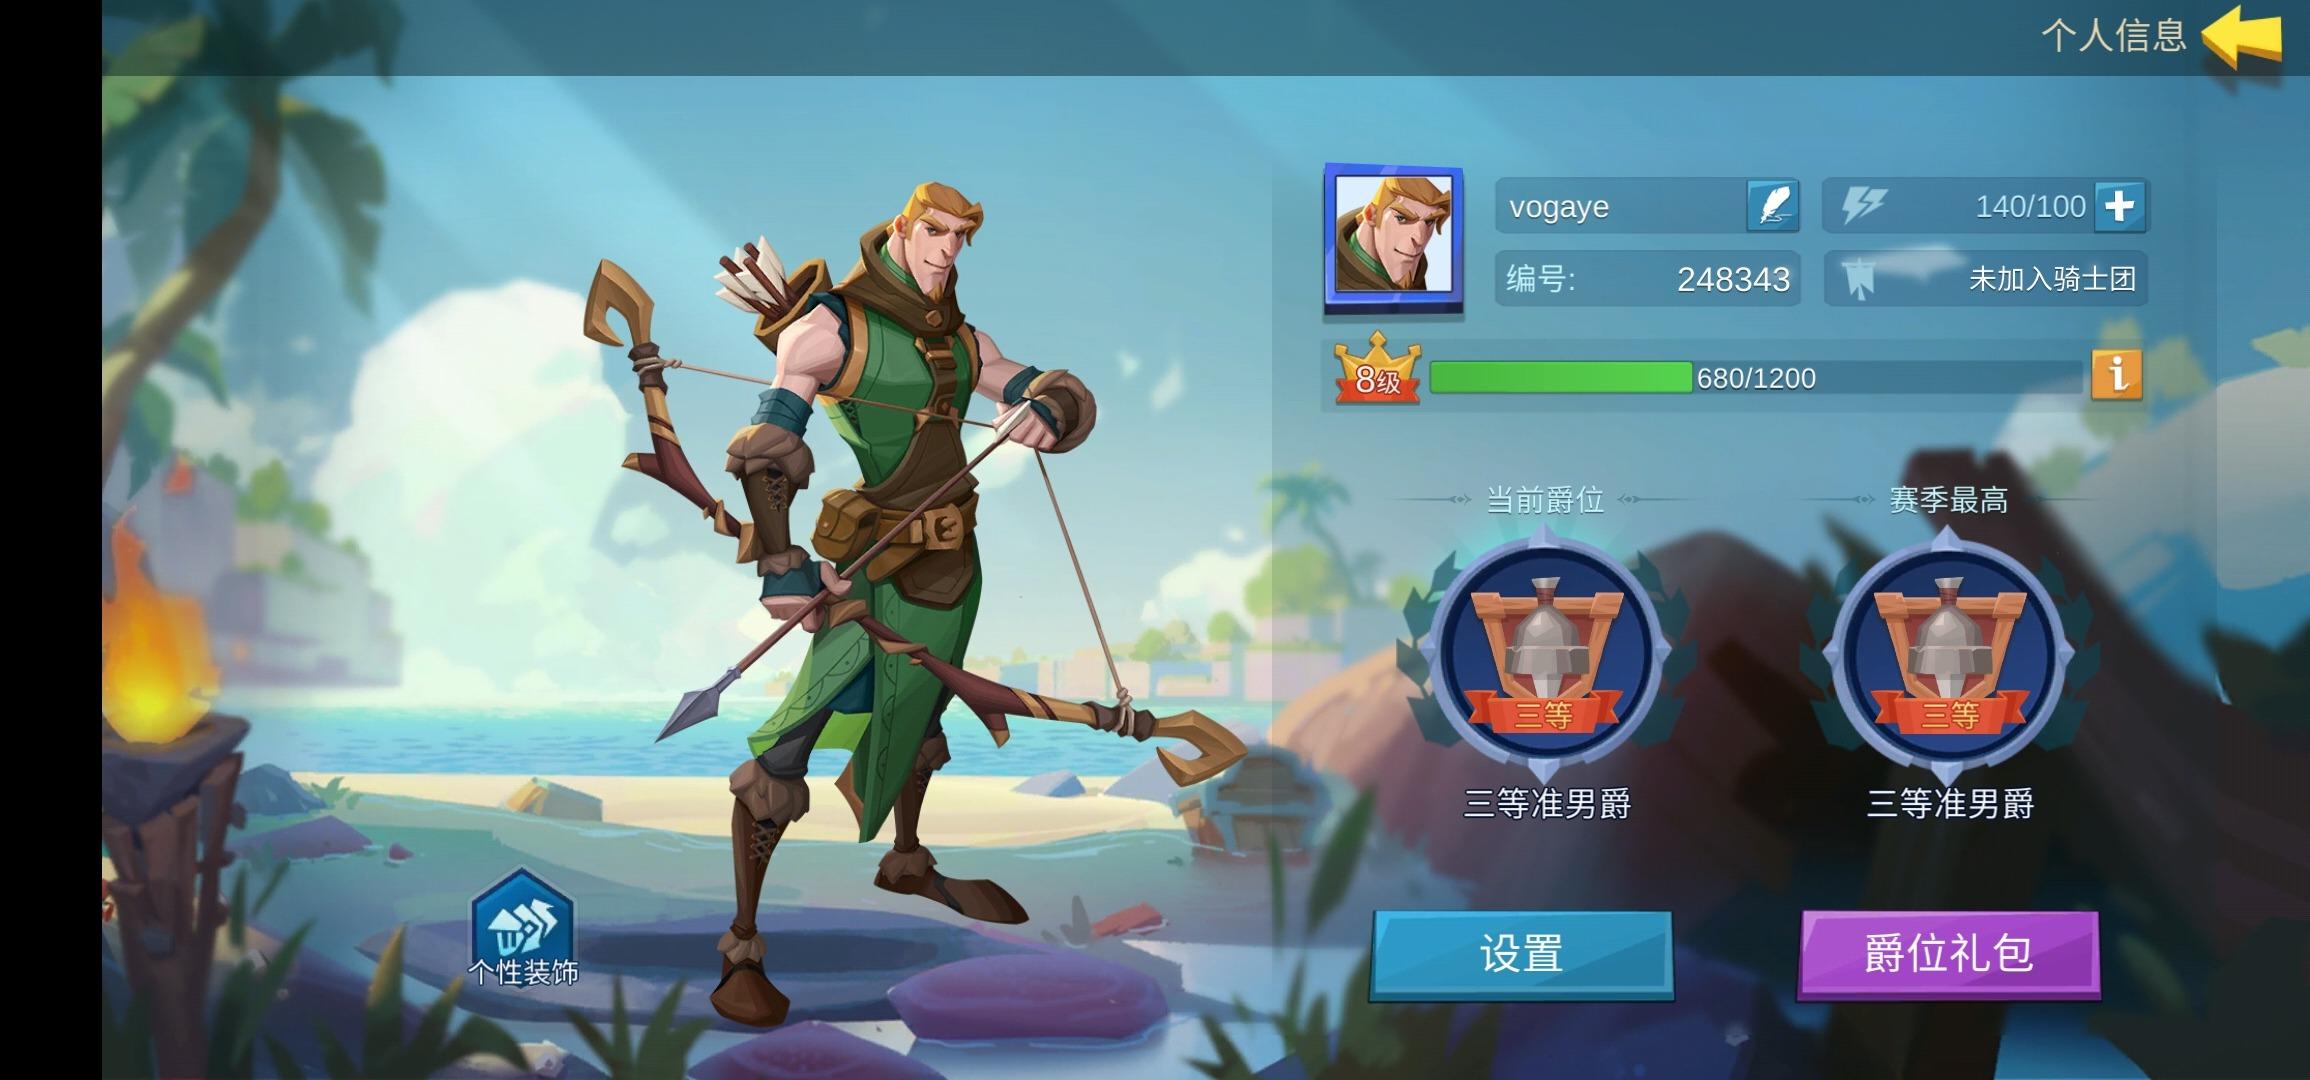 Screenshot_20210610_231538_com.jedi**s.p21.guanwang.jpg